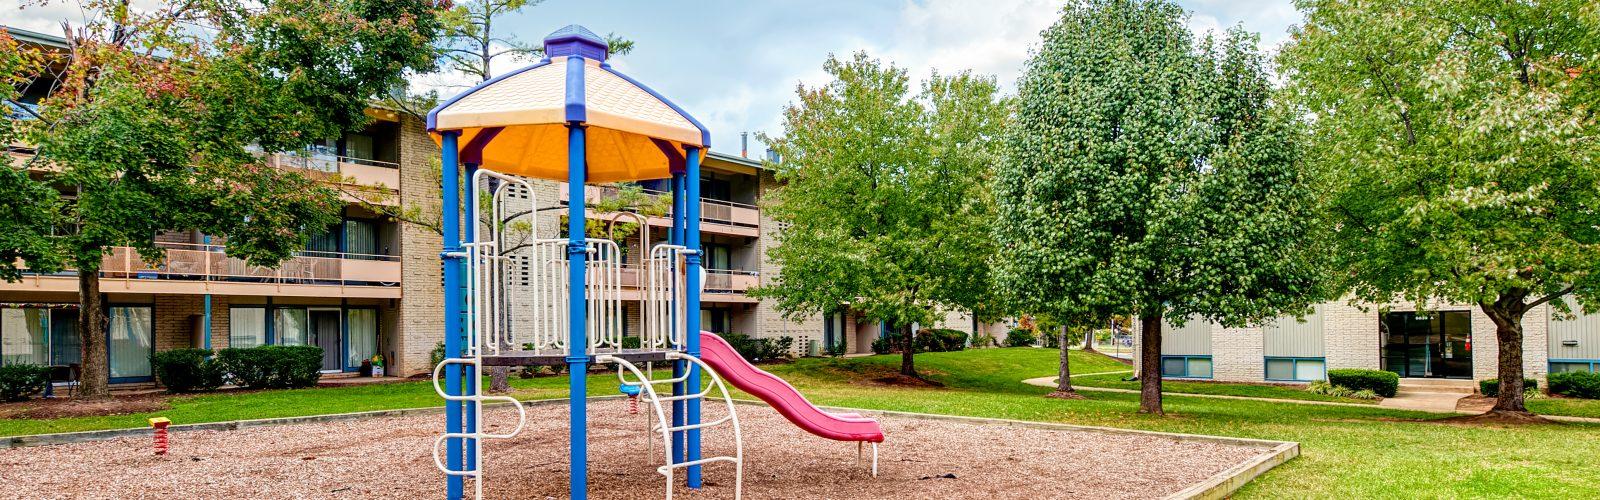 Auburn_Manor-Playground